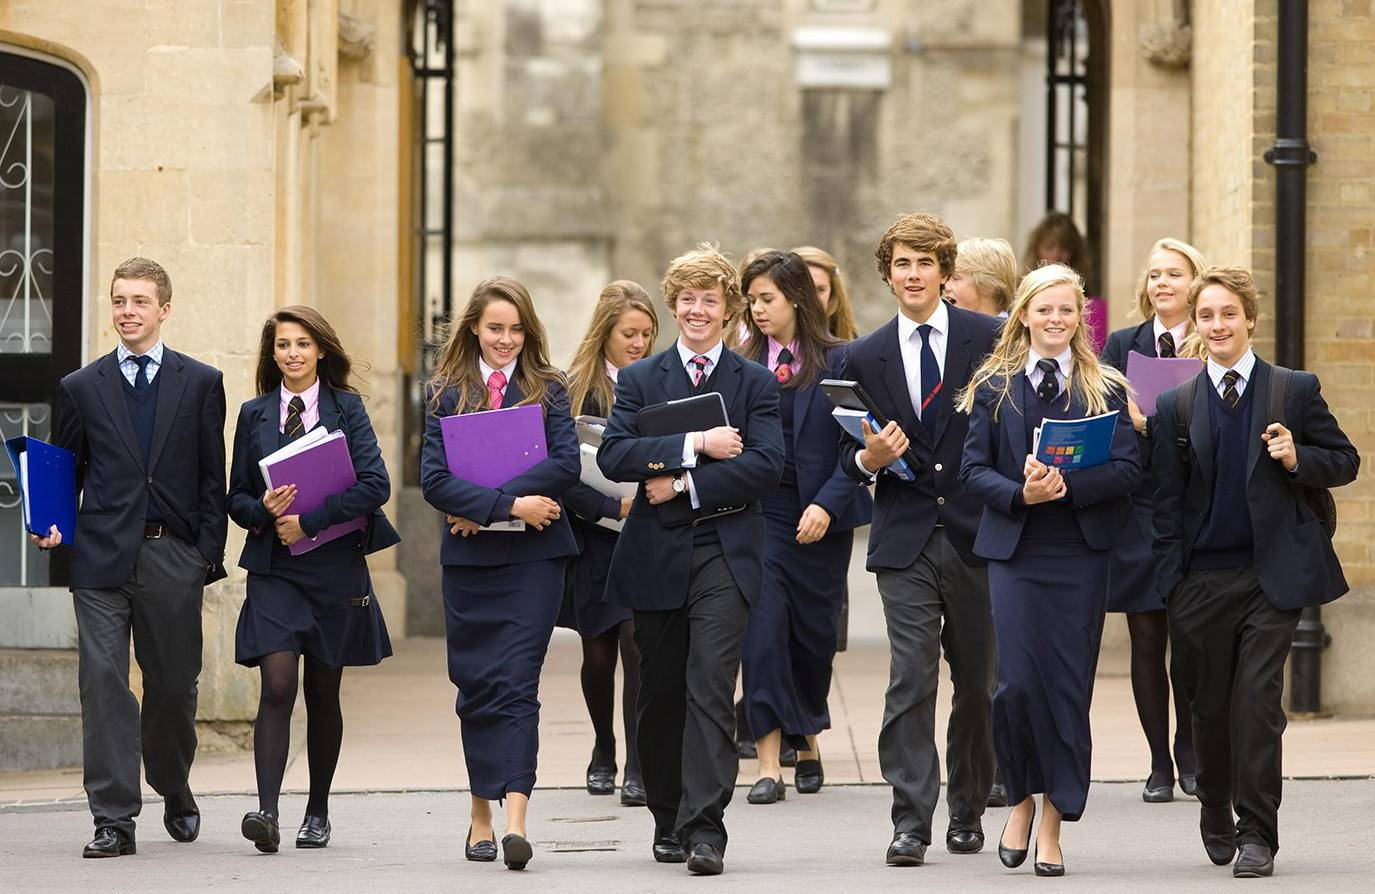 Обучение во франции - система образования, особенности школ и университетов + отзывы